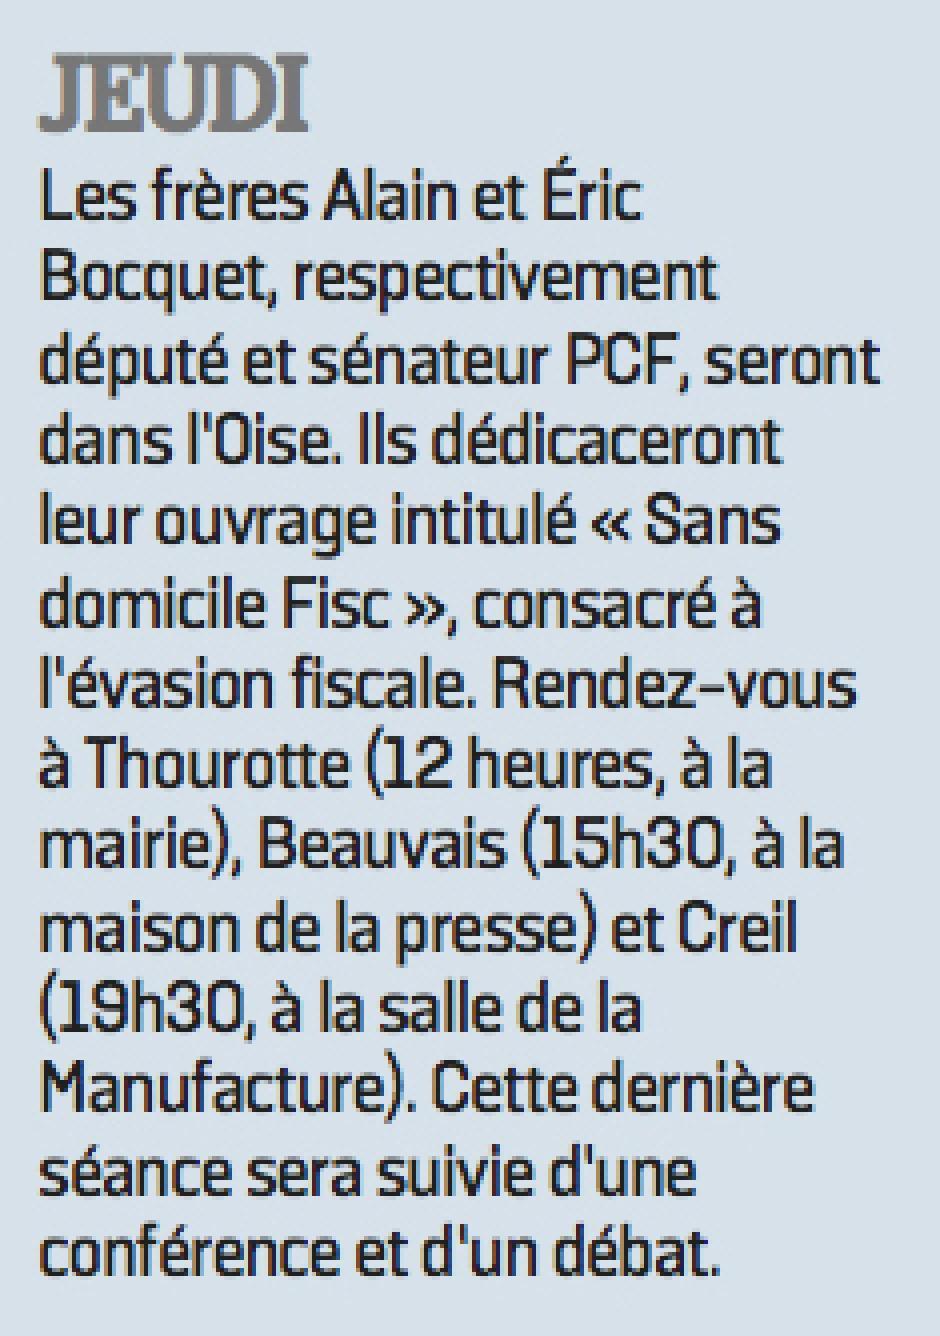 20170410-LeP-Creil-Les frères Bocquet dans l'Oise